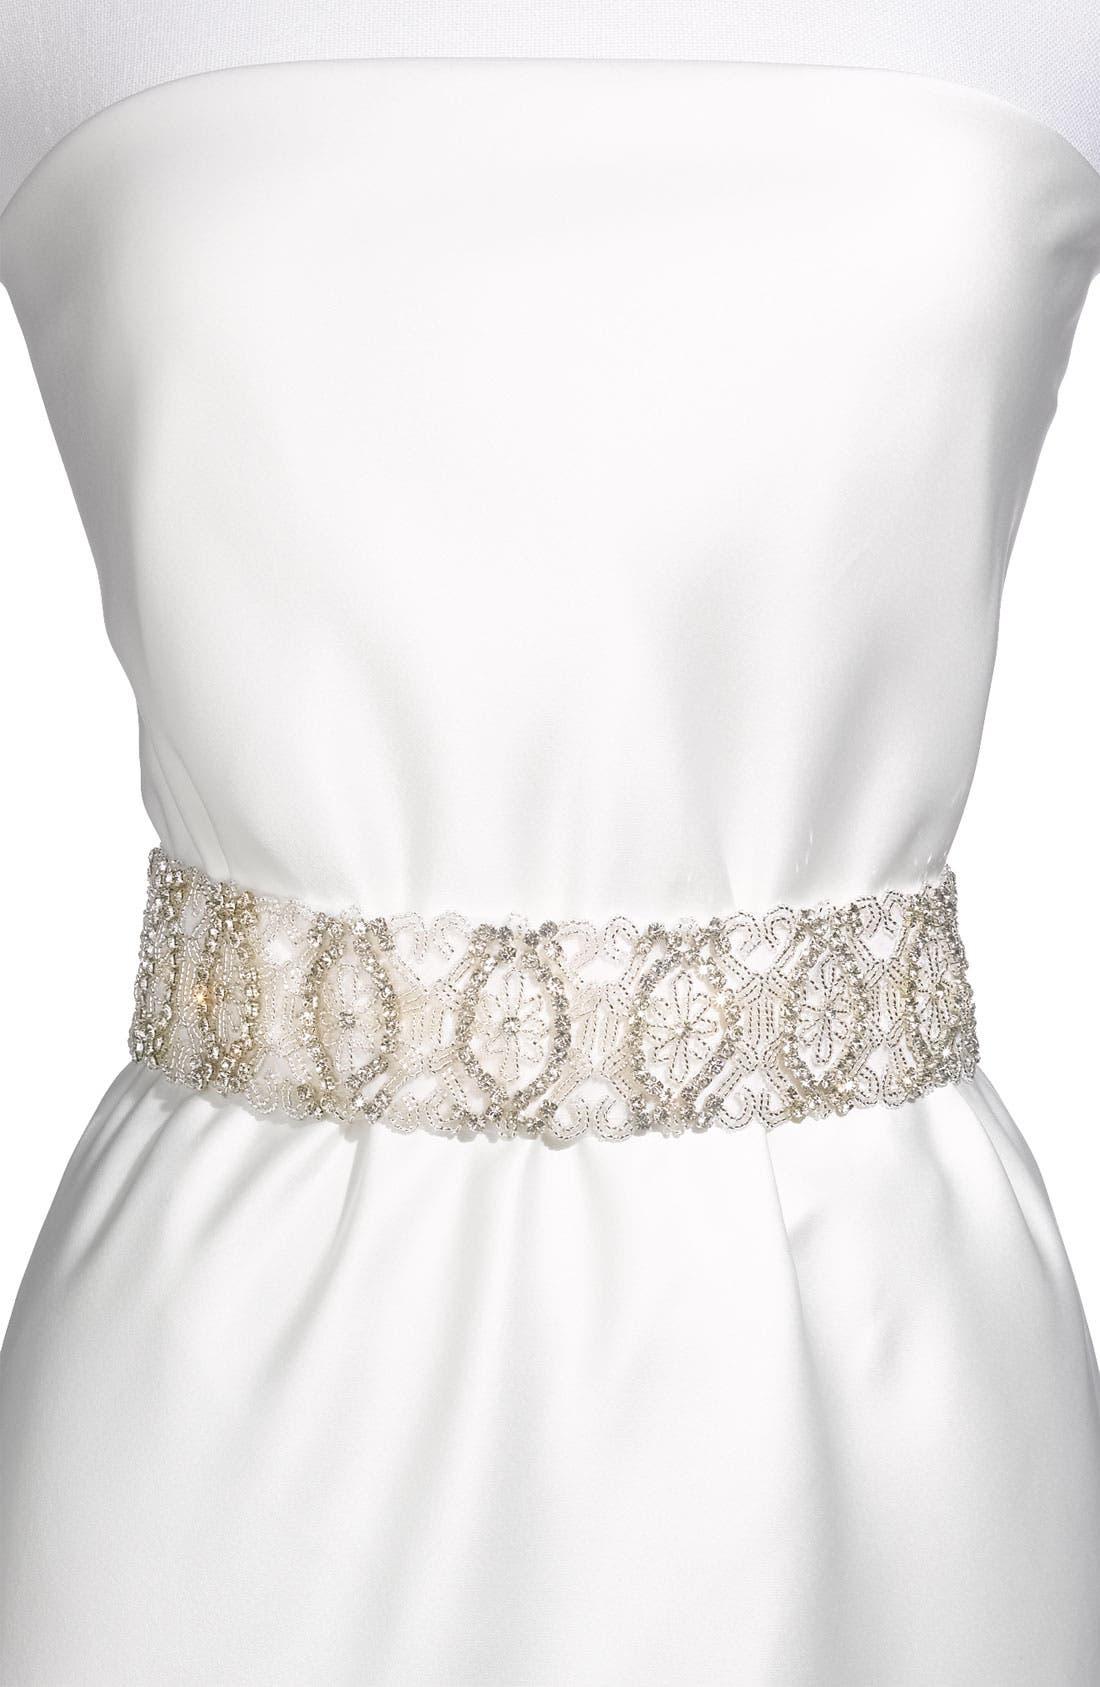 Main Image - Cara Beaded Bridal Belt